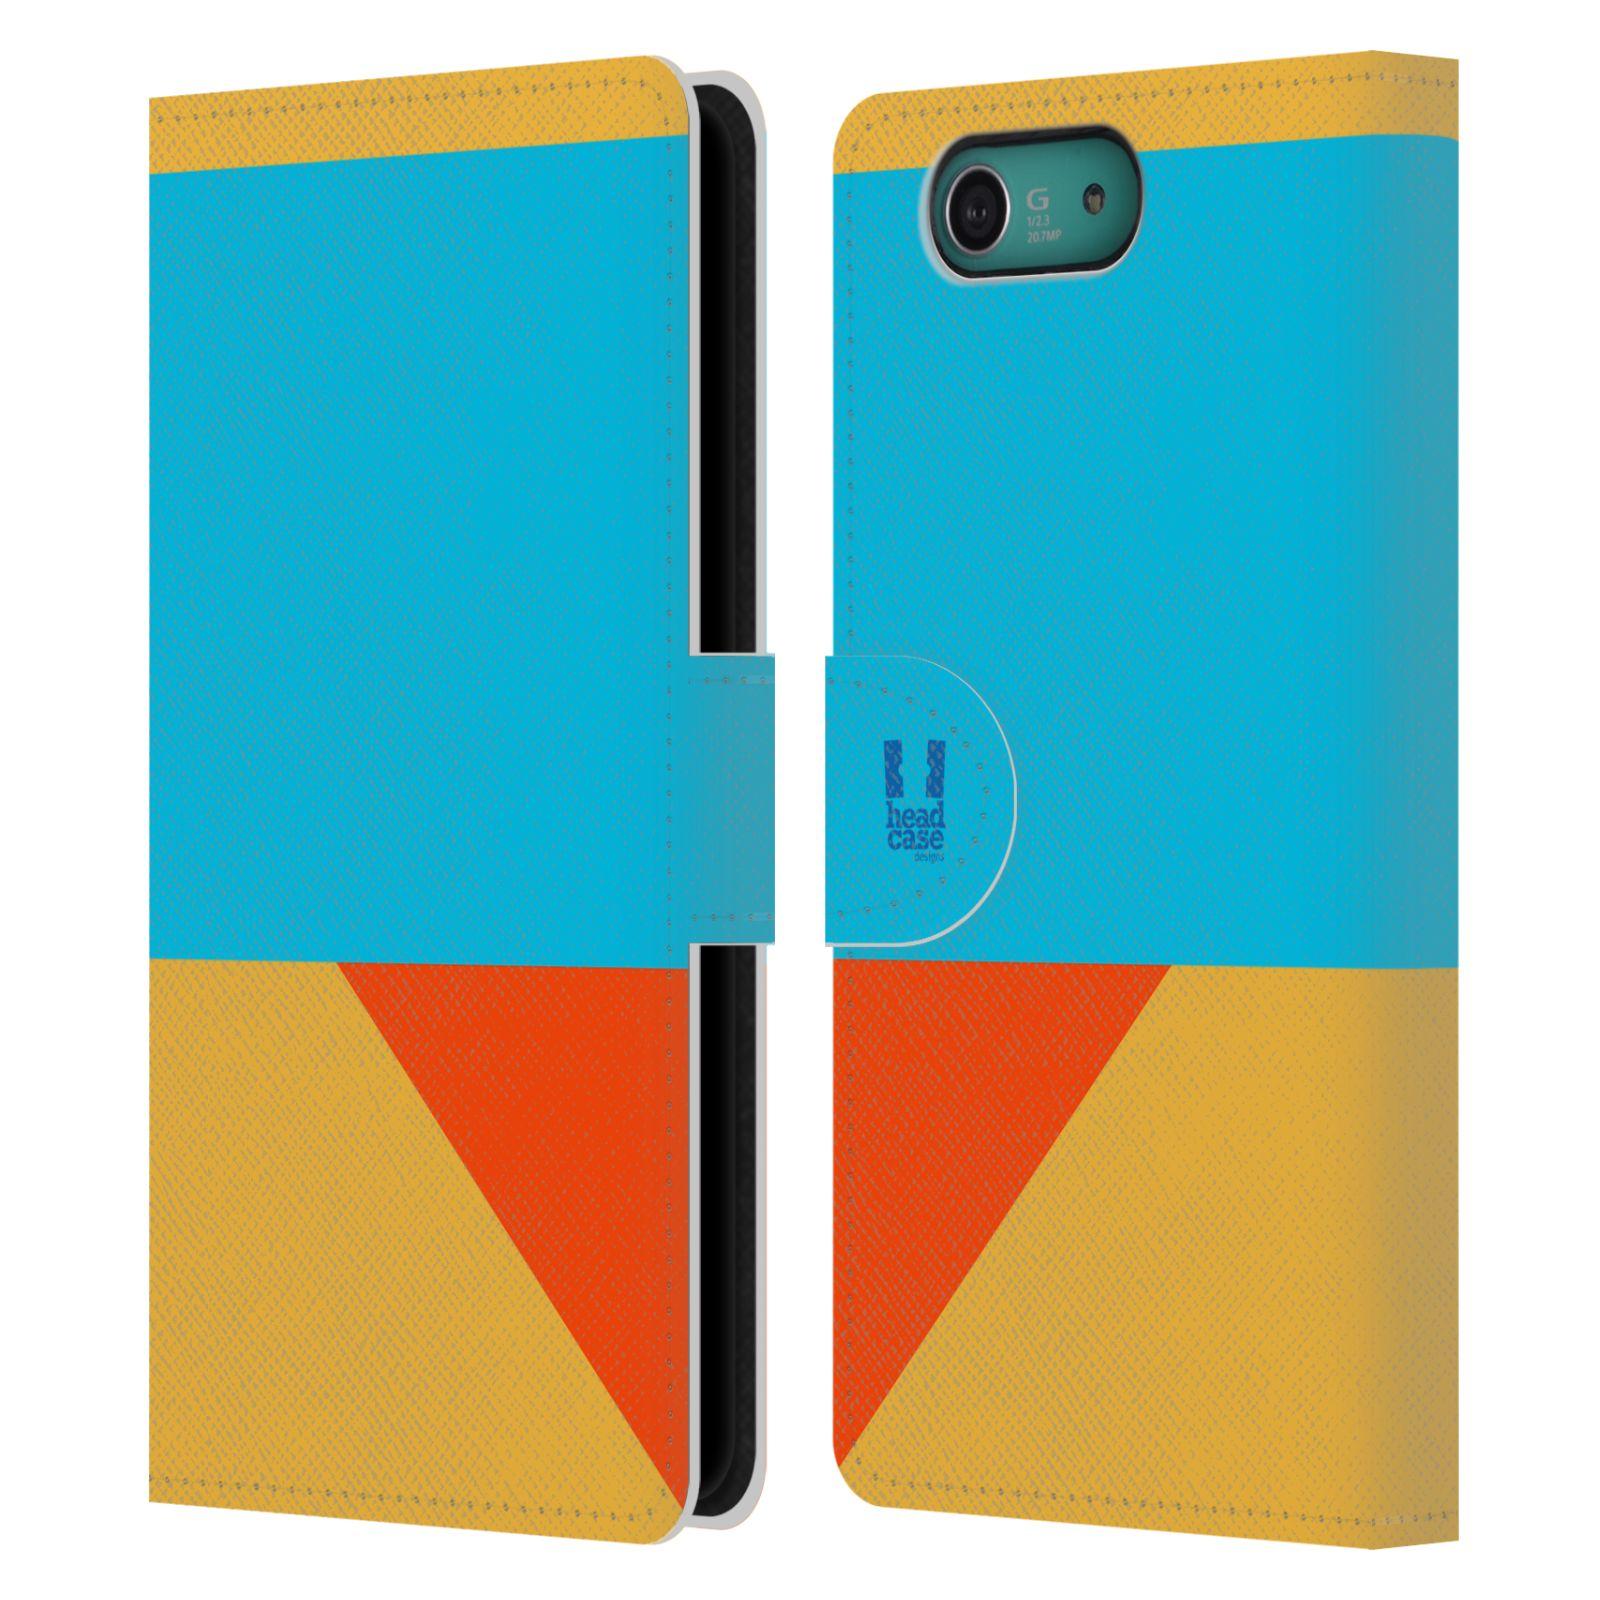 HEAD CASE Flipové pouzdro pro mobil SONY XPERIA Z3 COMPACT barevné tvary béžová a modrá DAY WEAR